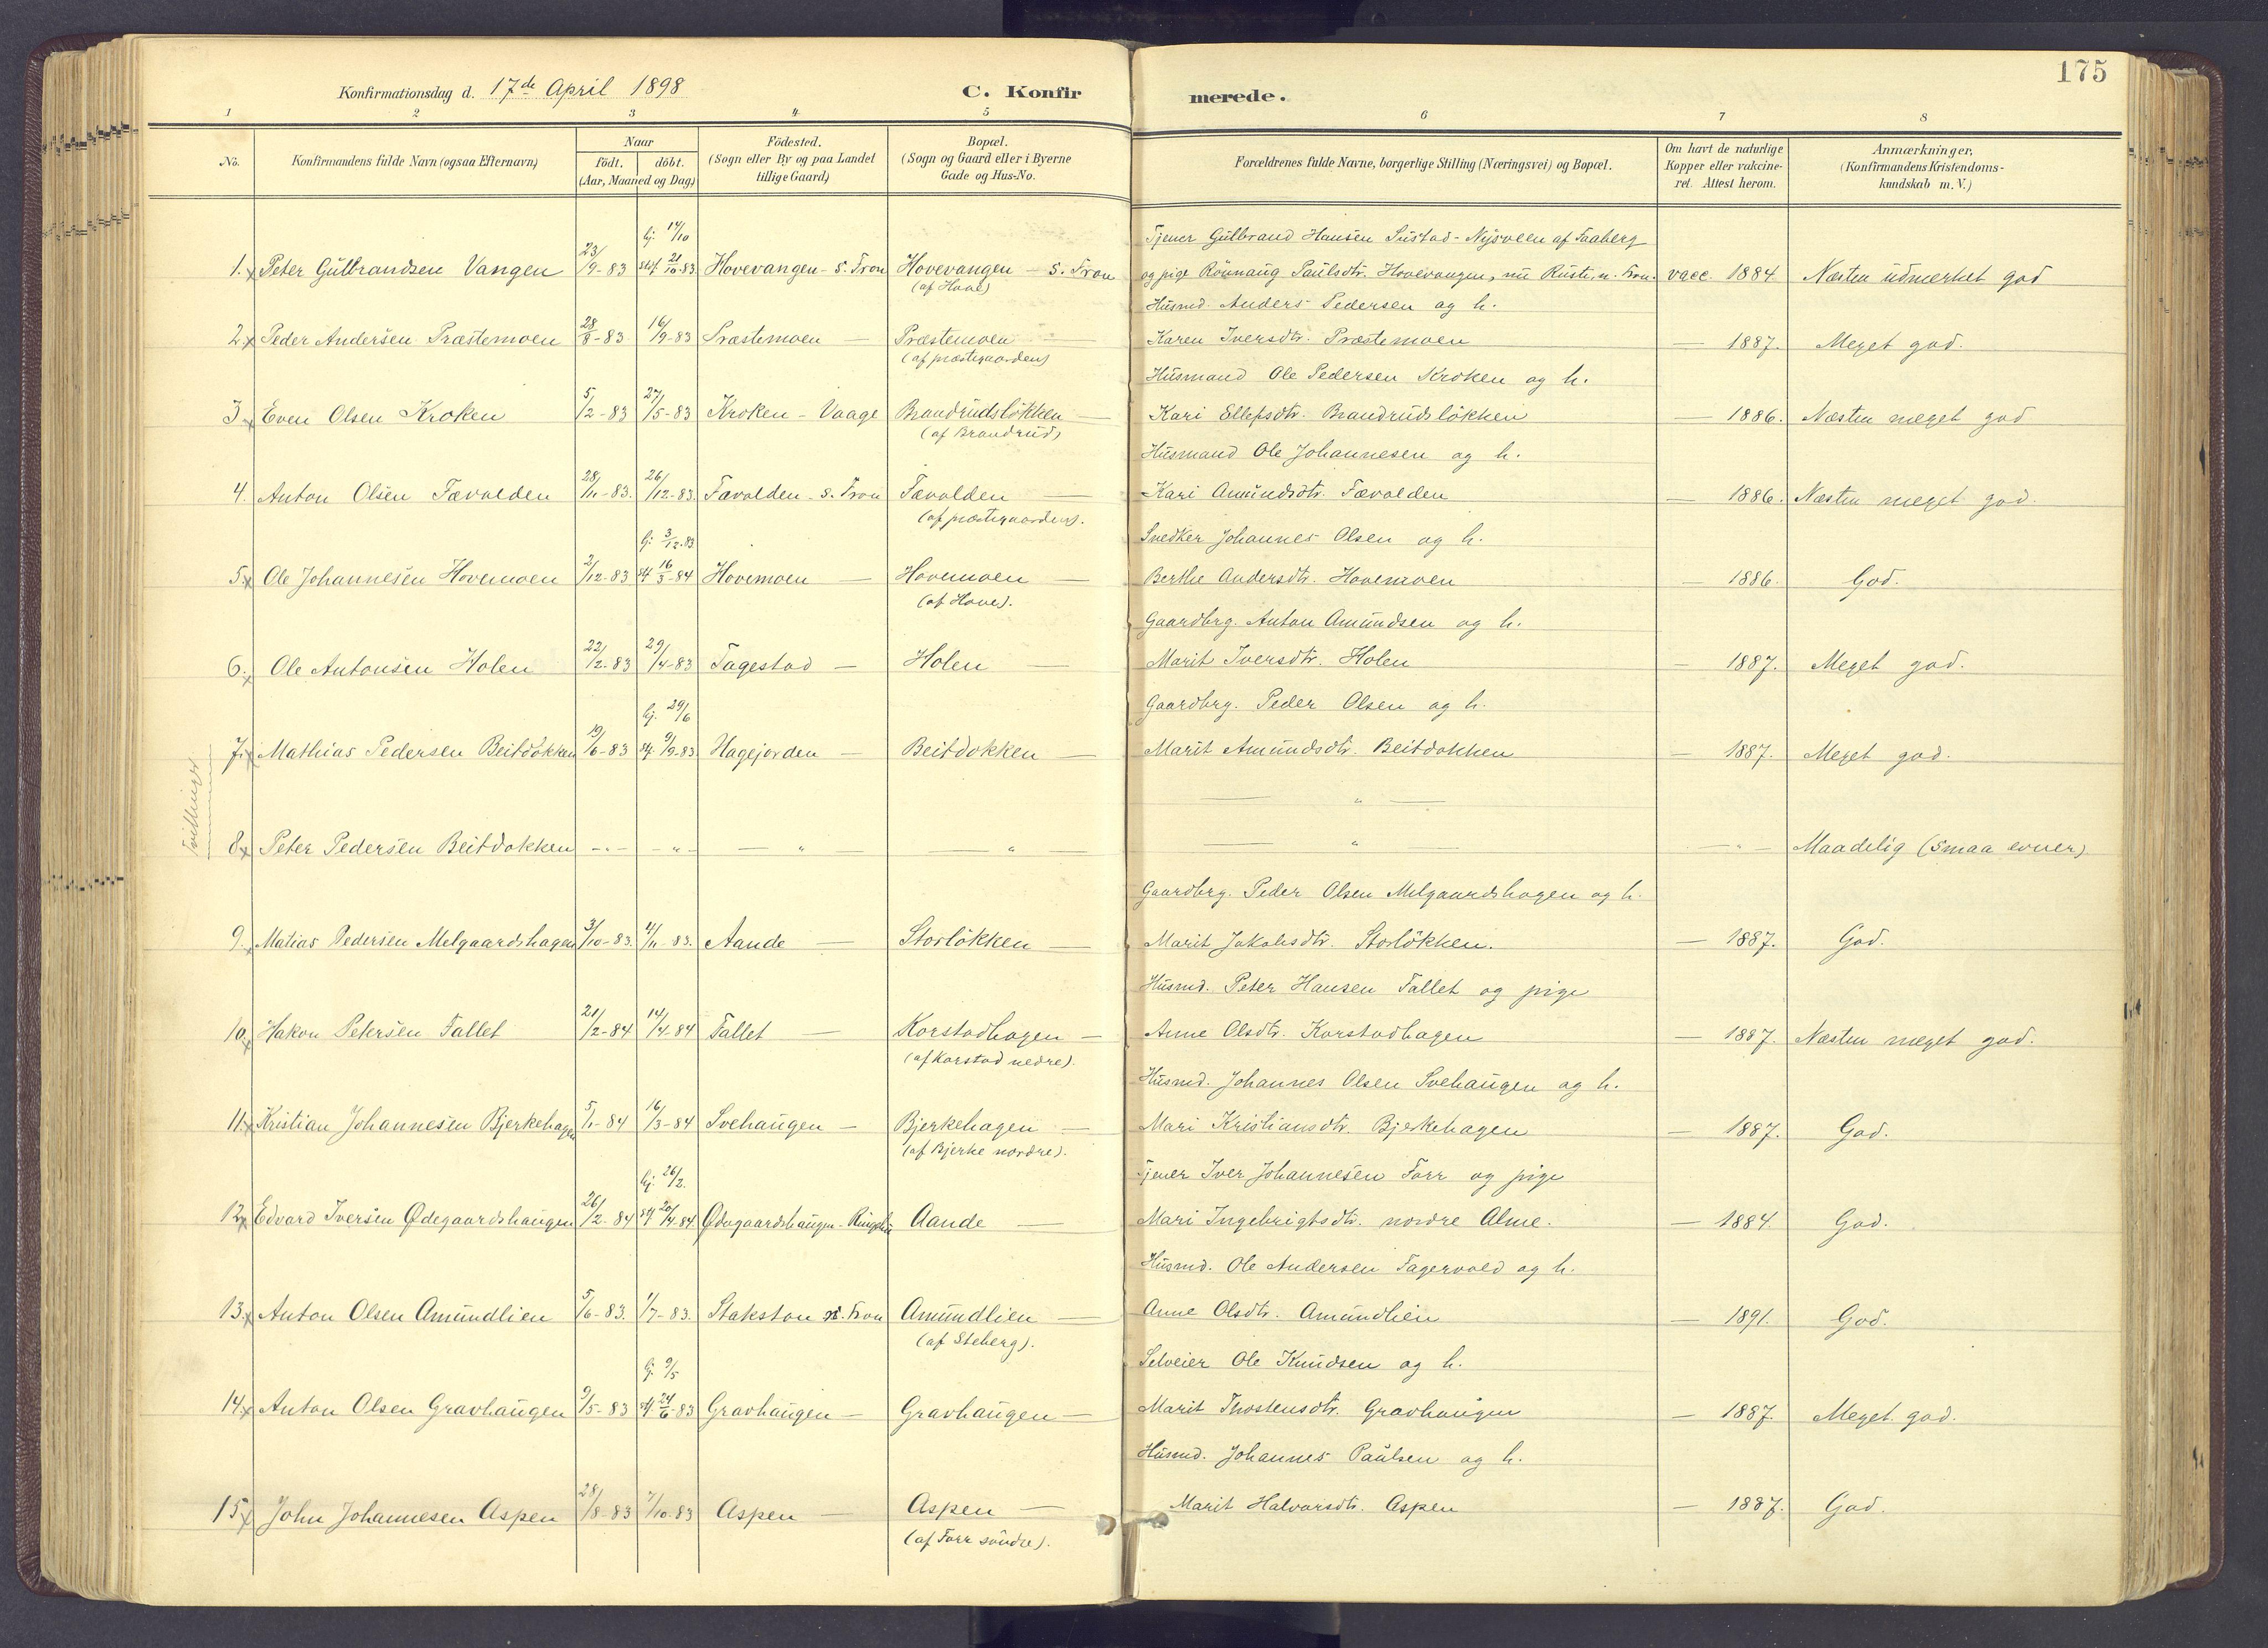 SAH, Sør-Fron prestekontor, H/Ha/Haa/L0004: Ministerialbok nr. 4, 1898-1919, s. 175